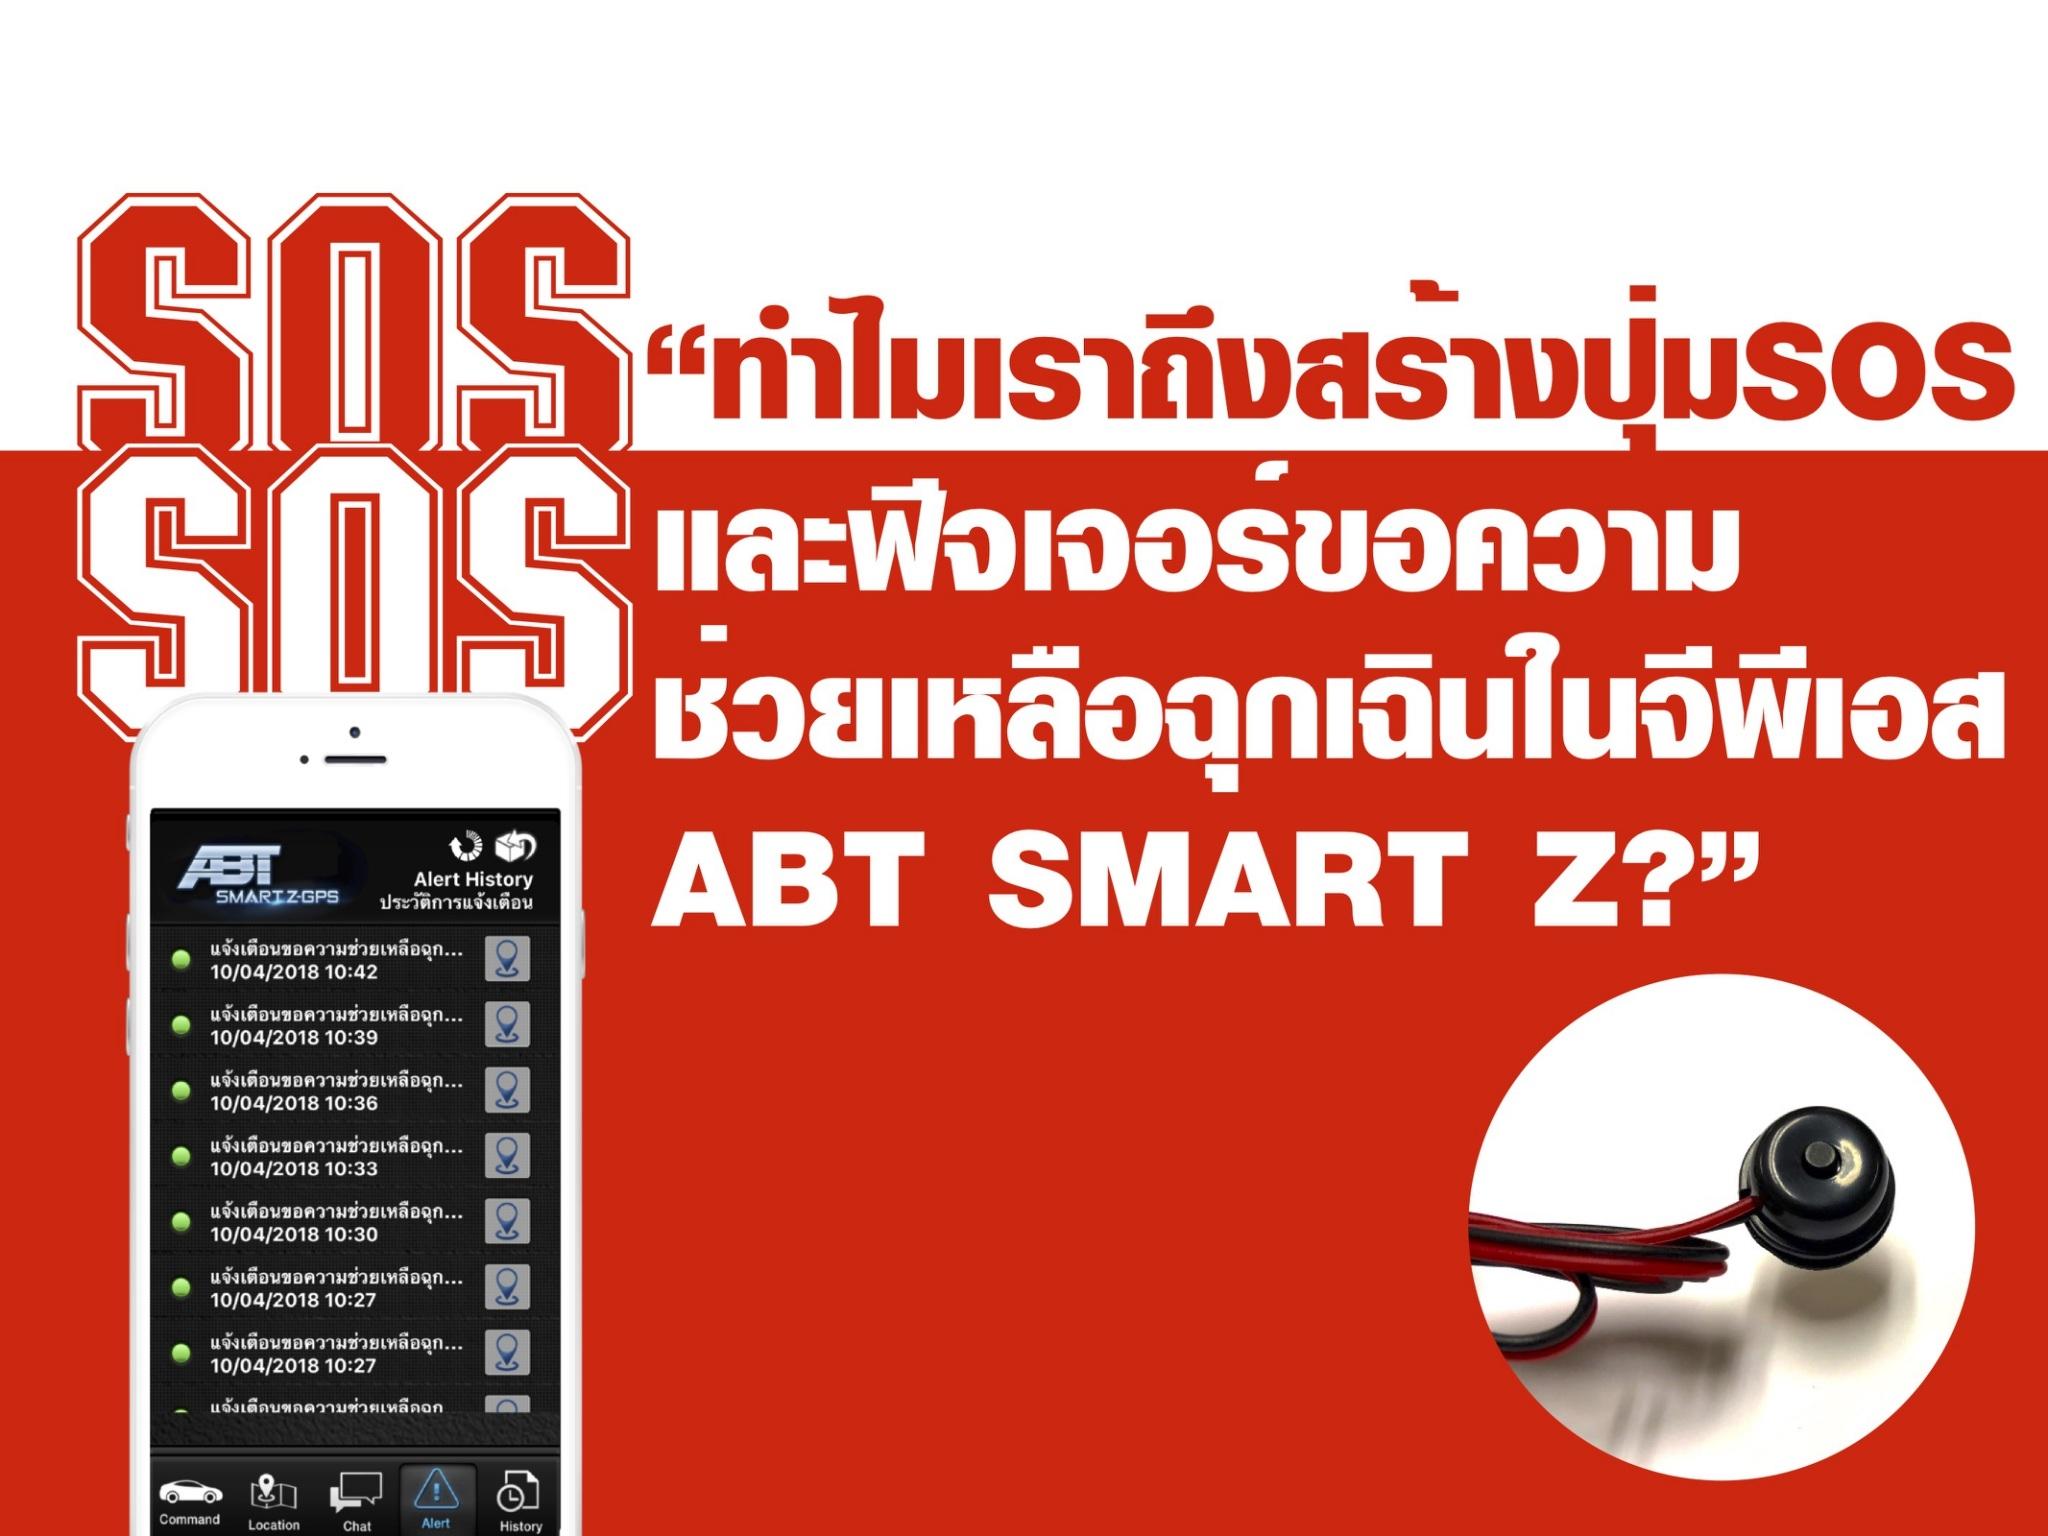 ปุ่มsosมีไว้เพื่ออะไร ABT SMART